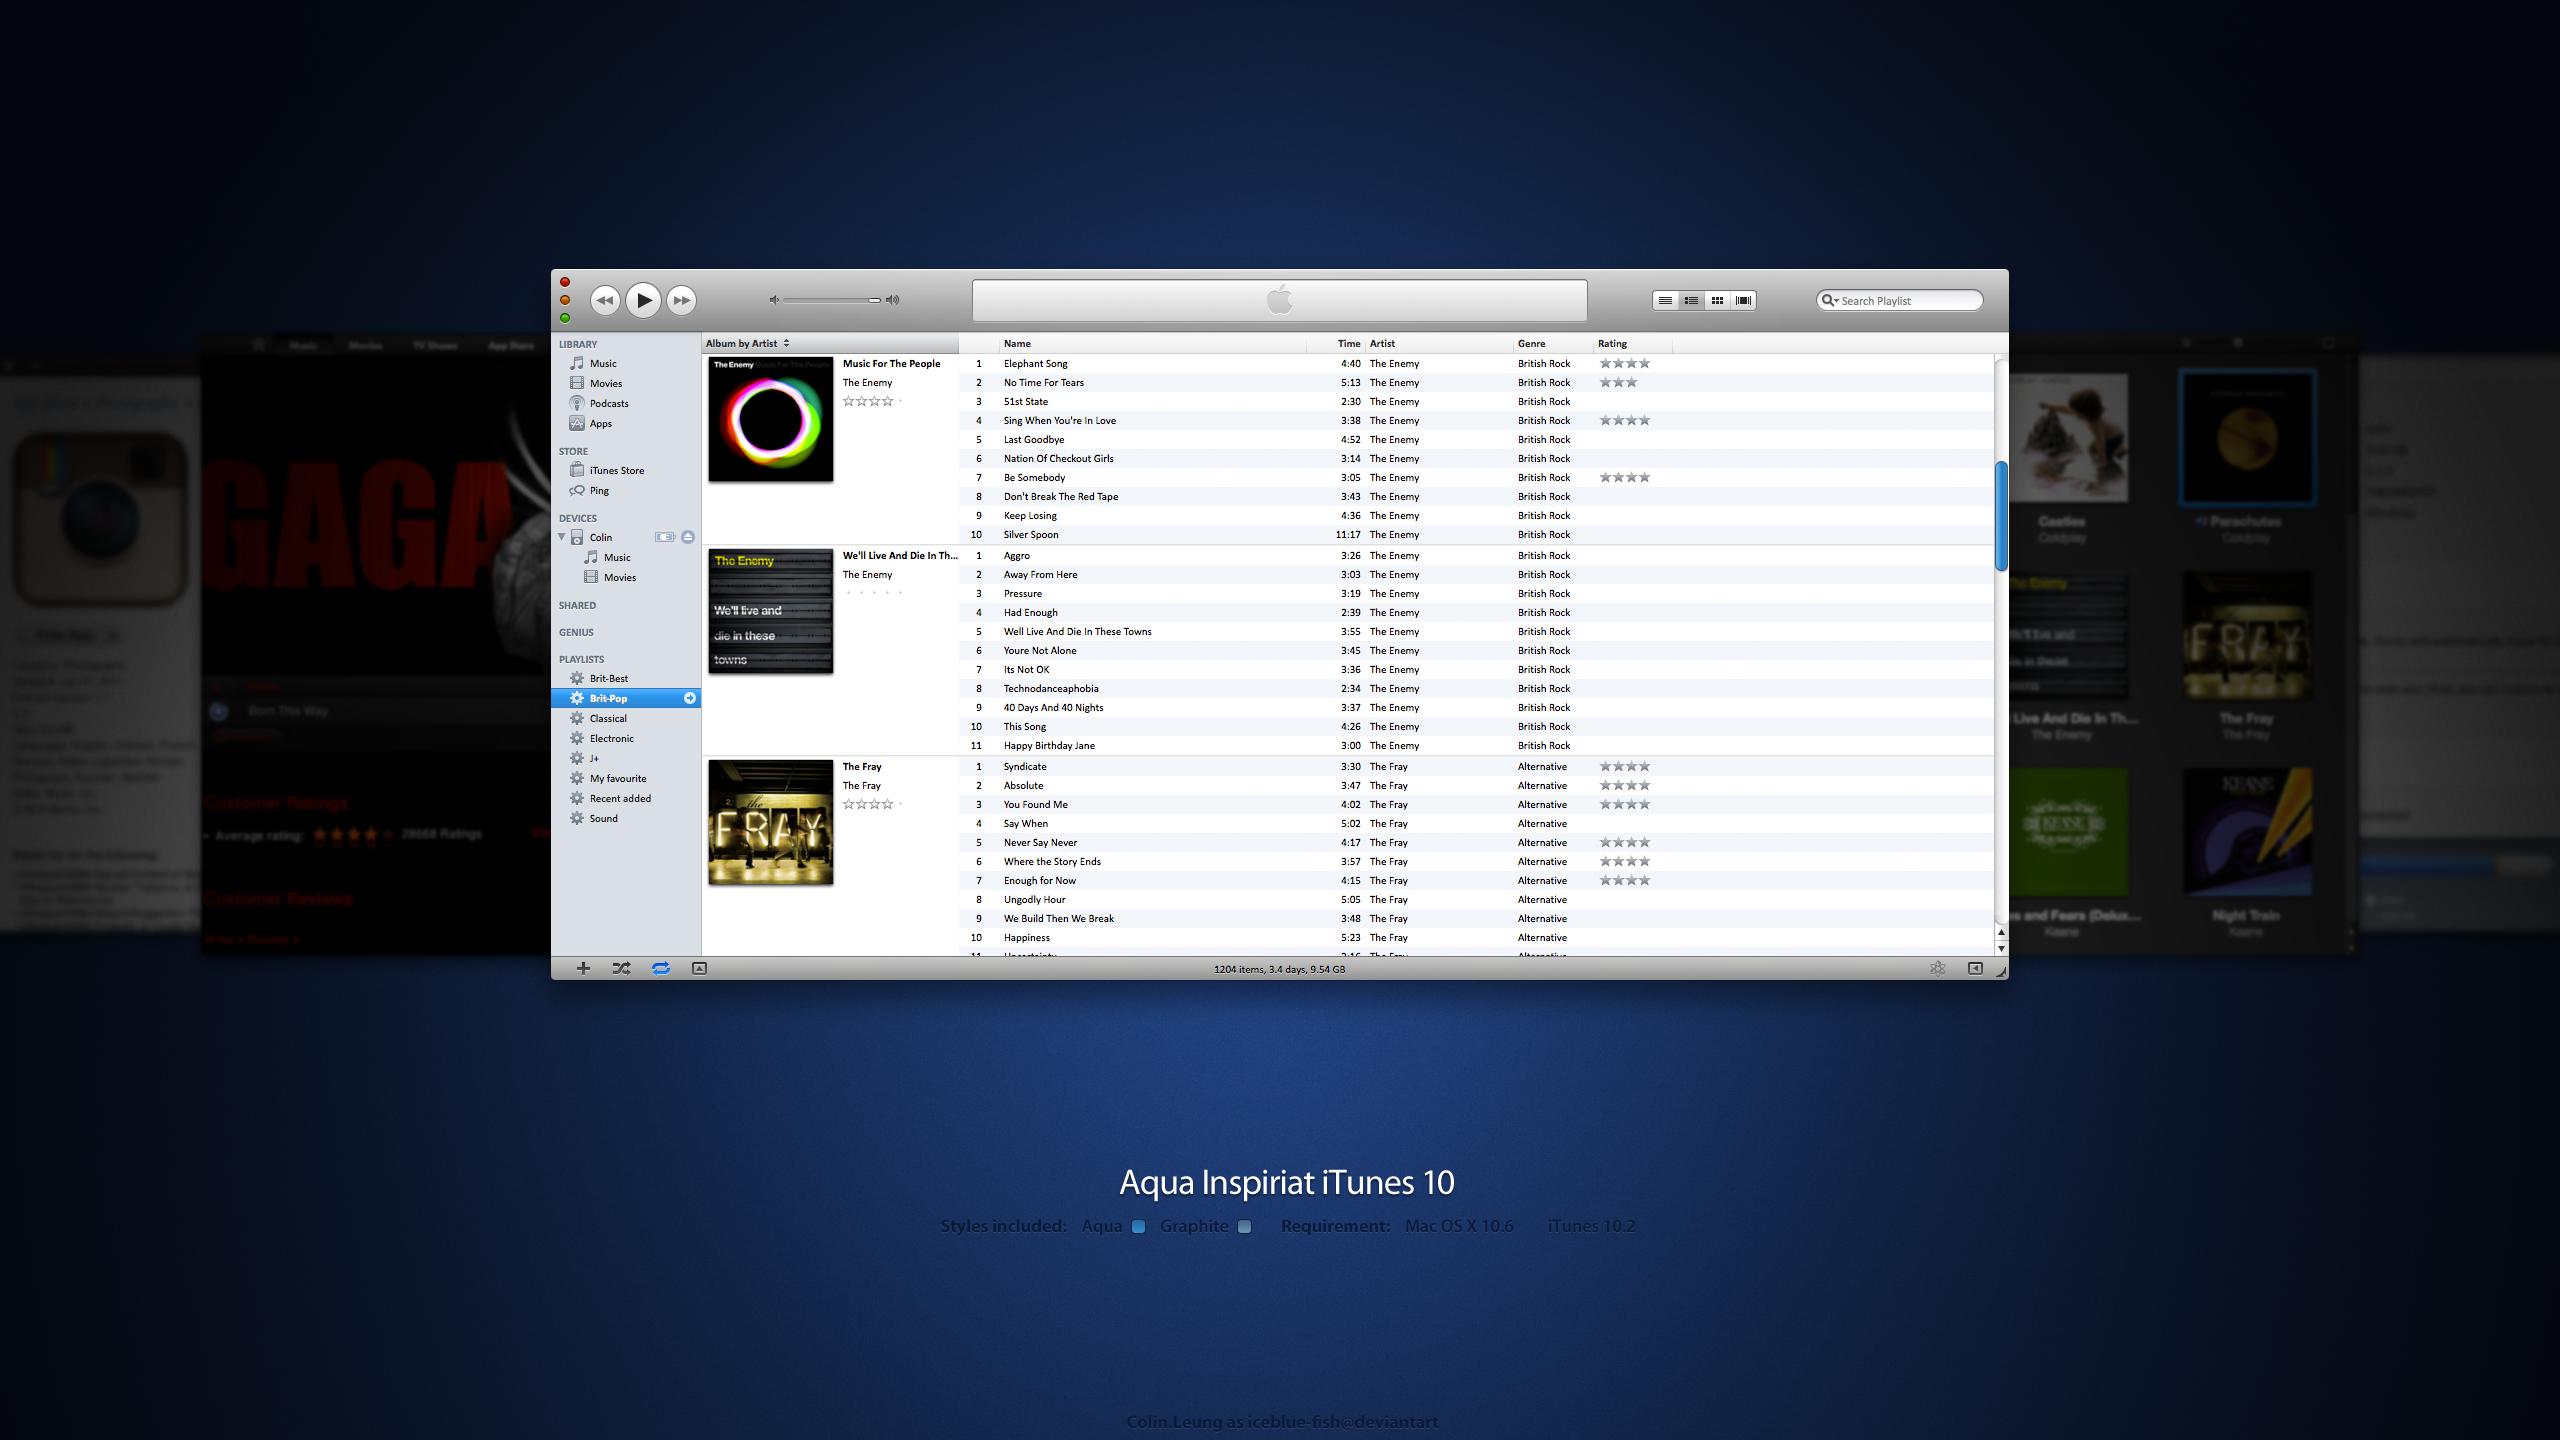 Aqua Inspiriat iTunes 10.2 by IceBlue-Fish